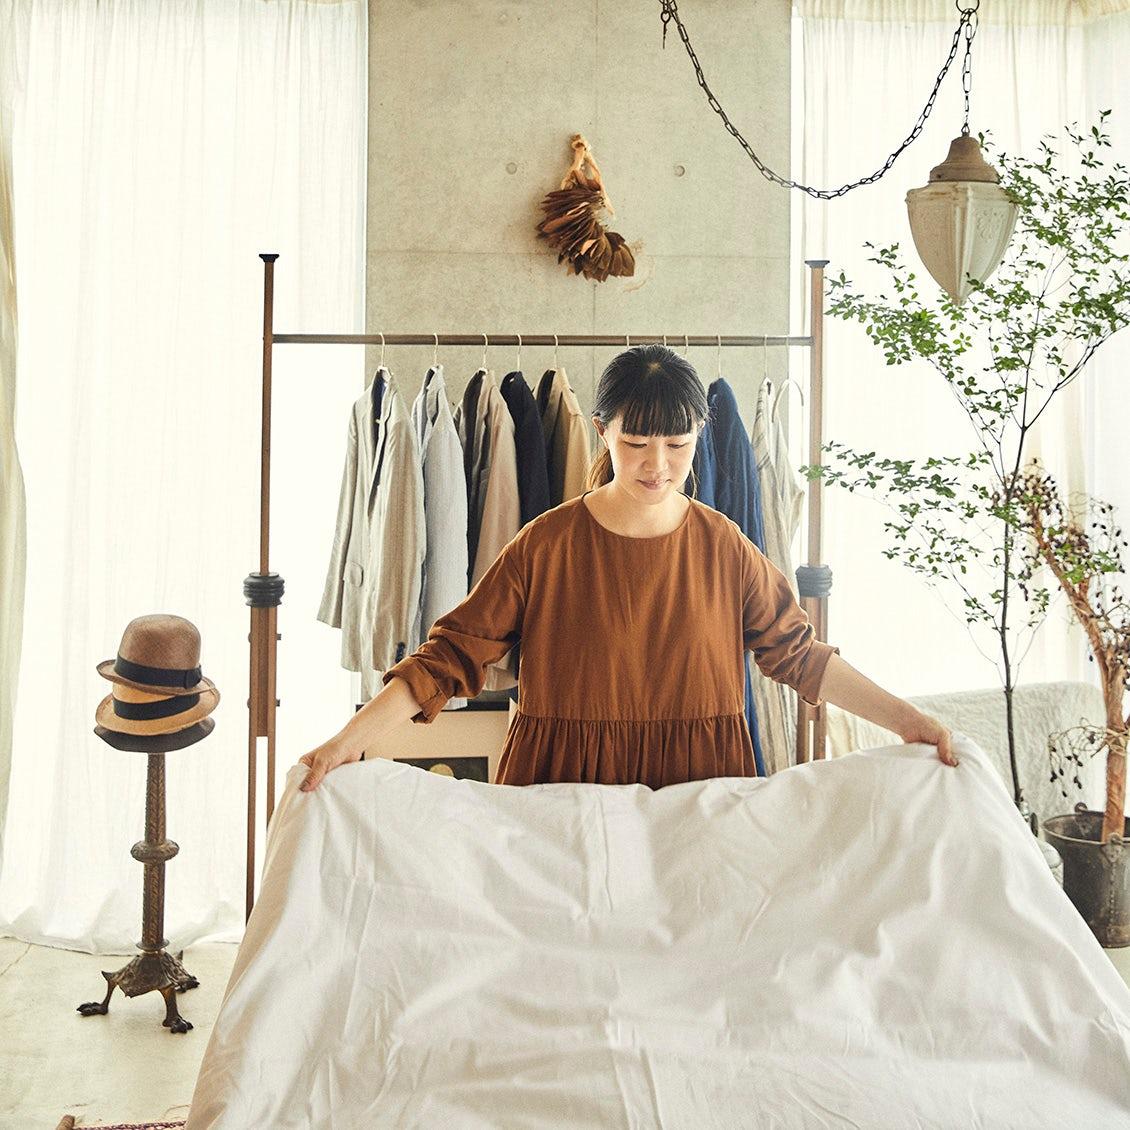 【寝具見直し計画】洗濯機で洗えていつでもフカフカ。北欧発、使い続けたくなる納得の掛け布団